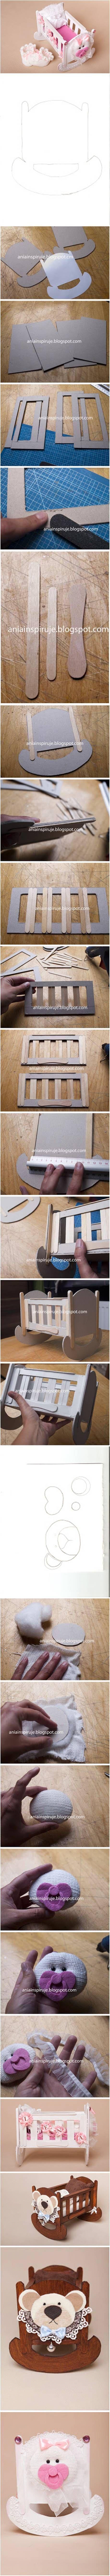 DIY Kartonnen Wieg van de Baby DIY Projecten / UsefulDIY.com